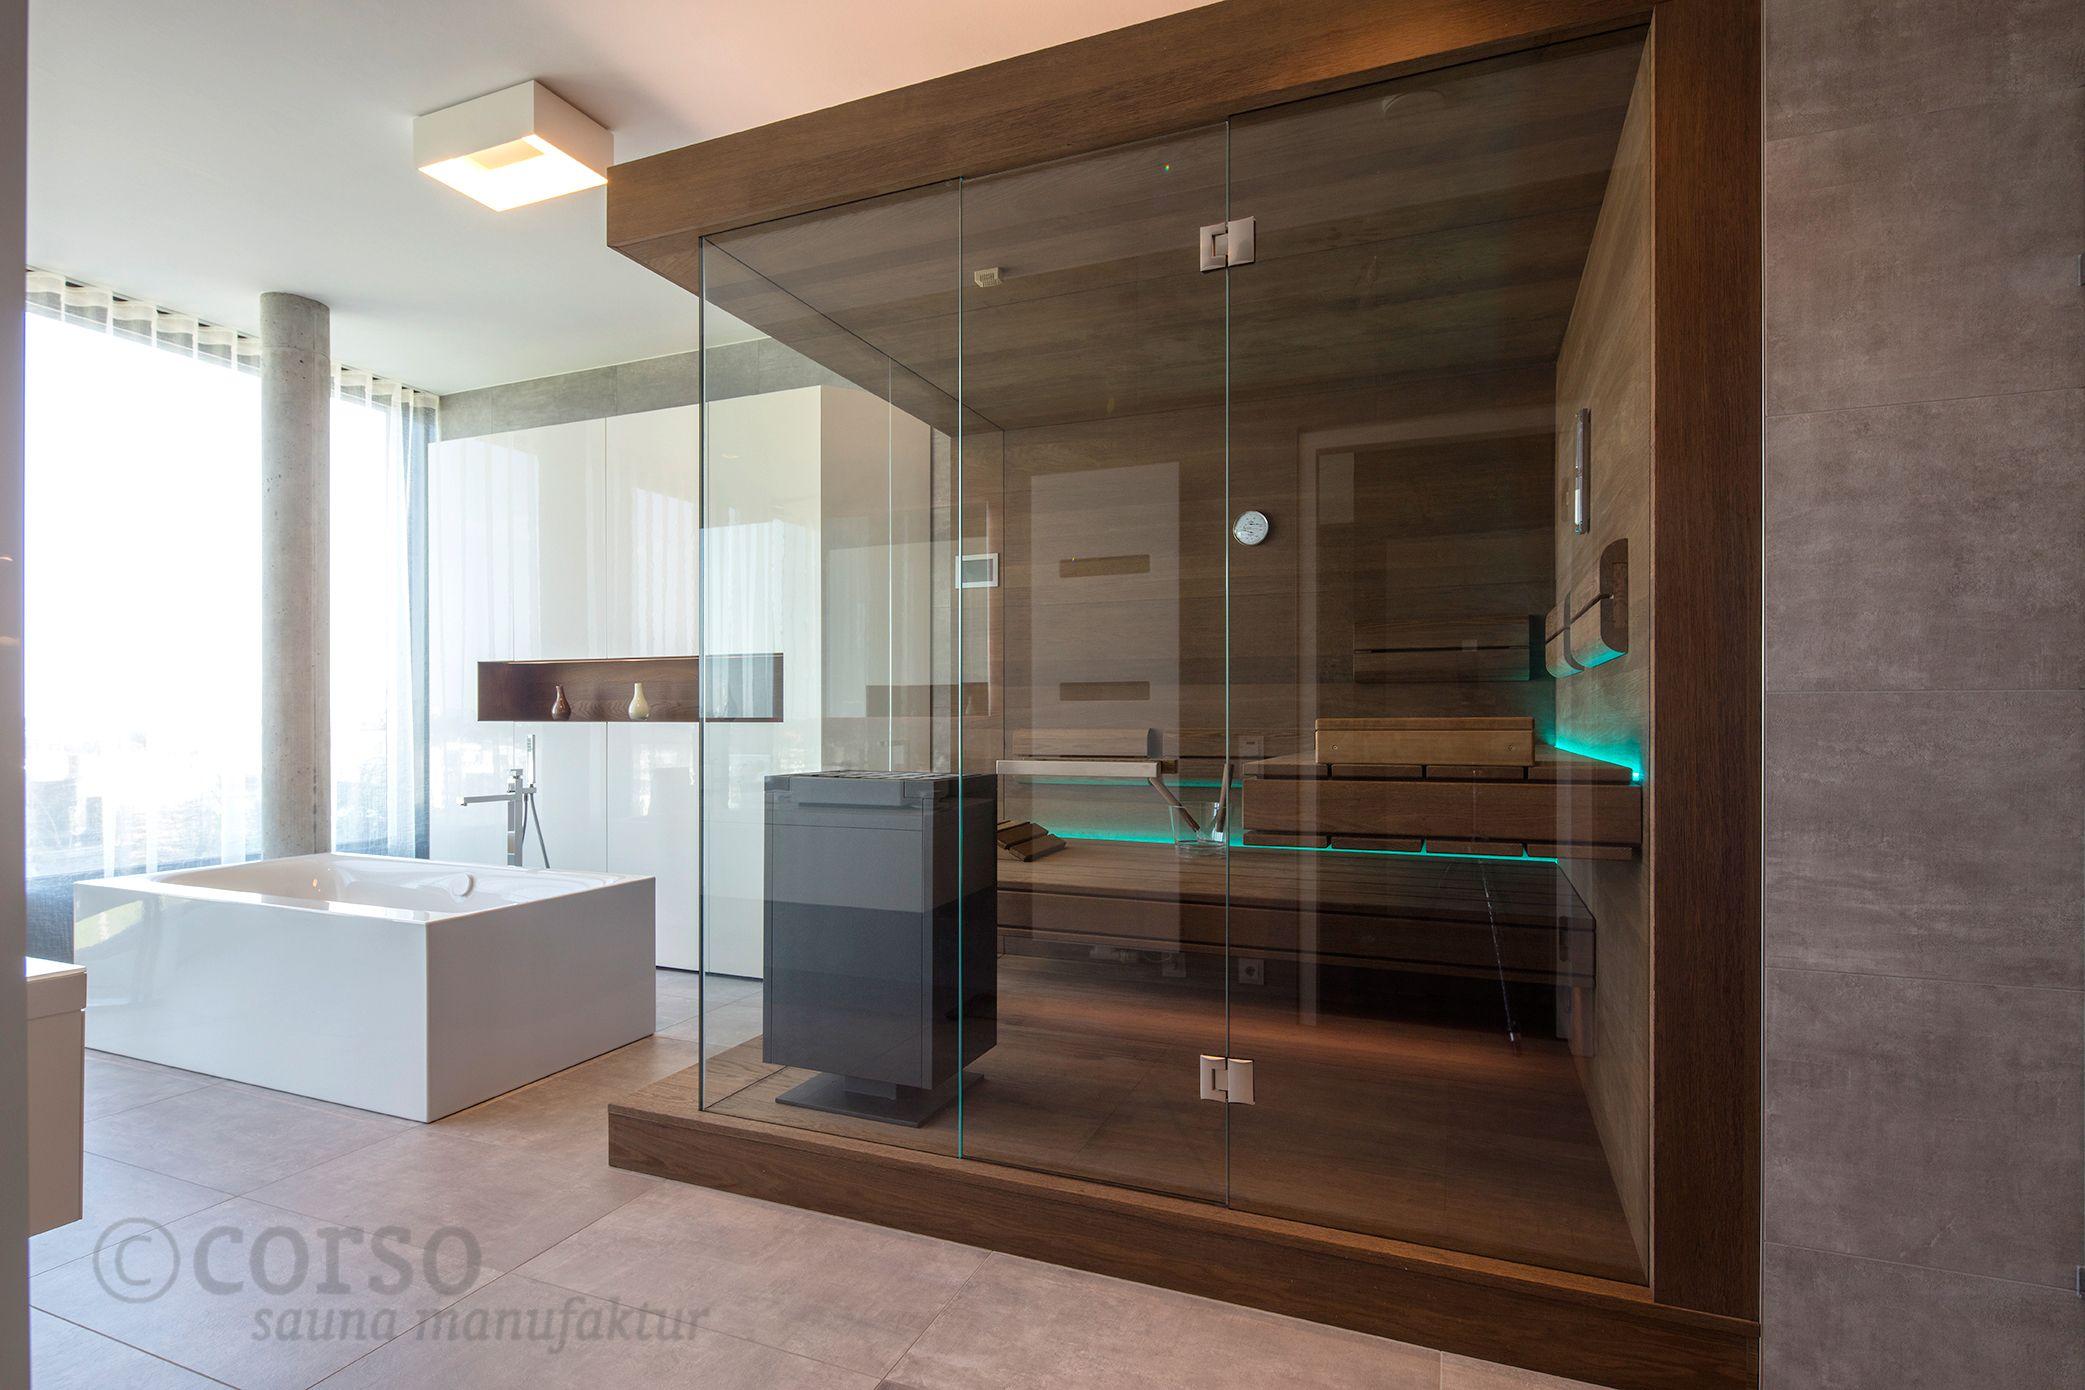 Atemberaubende Design Sauna mit frei schwebenden Liegen